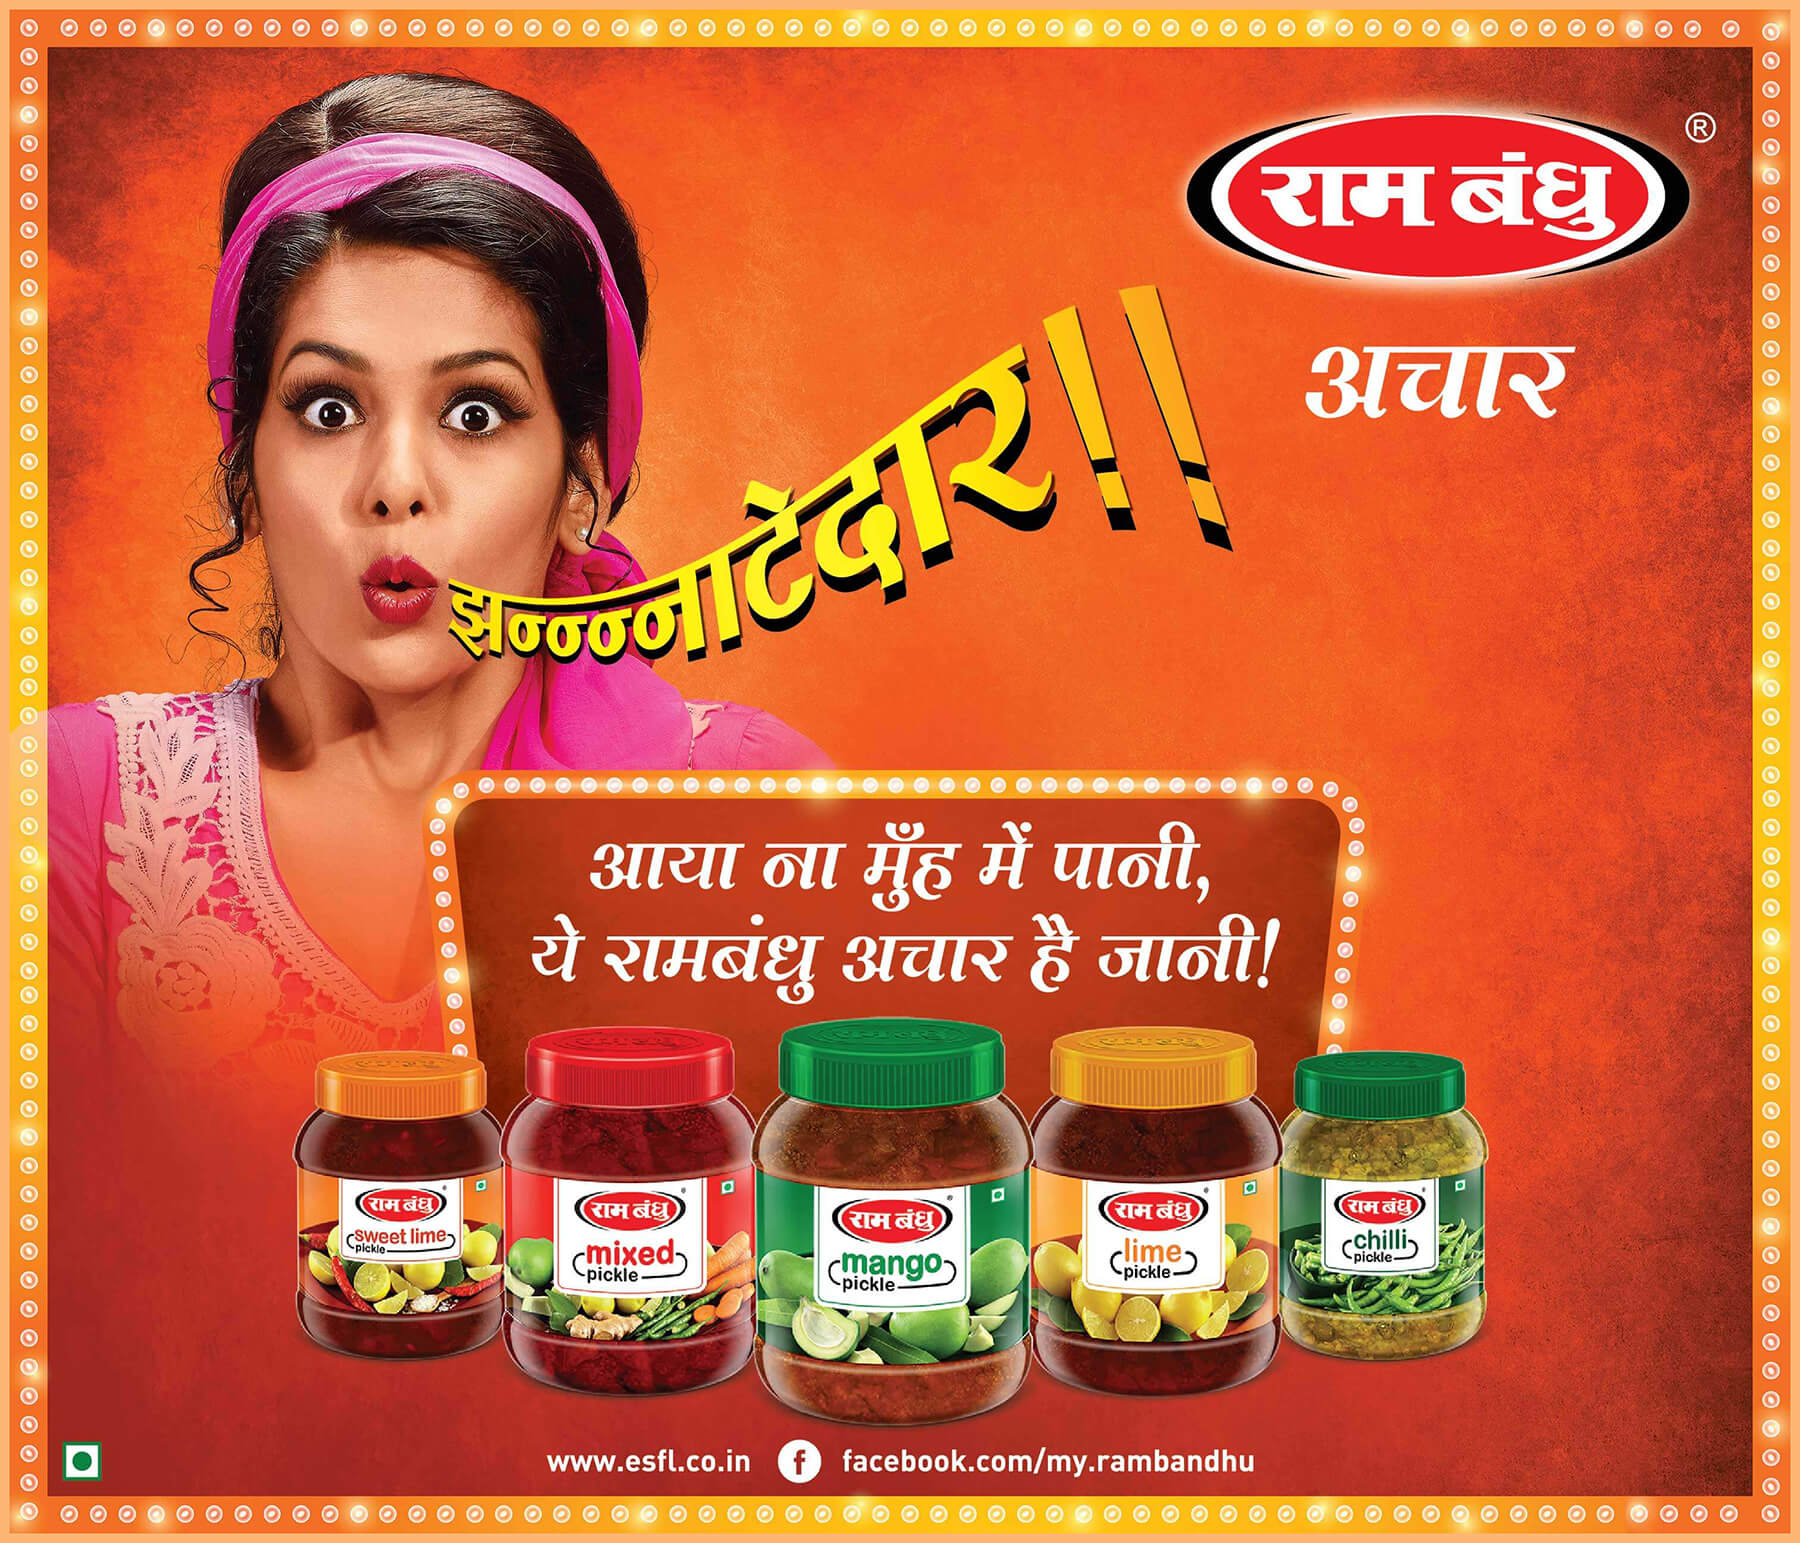 Pickle Campaign 4